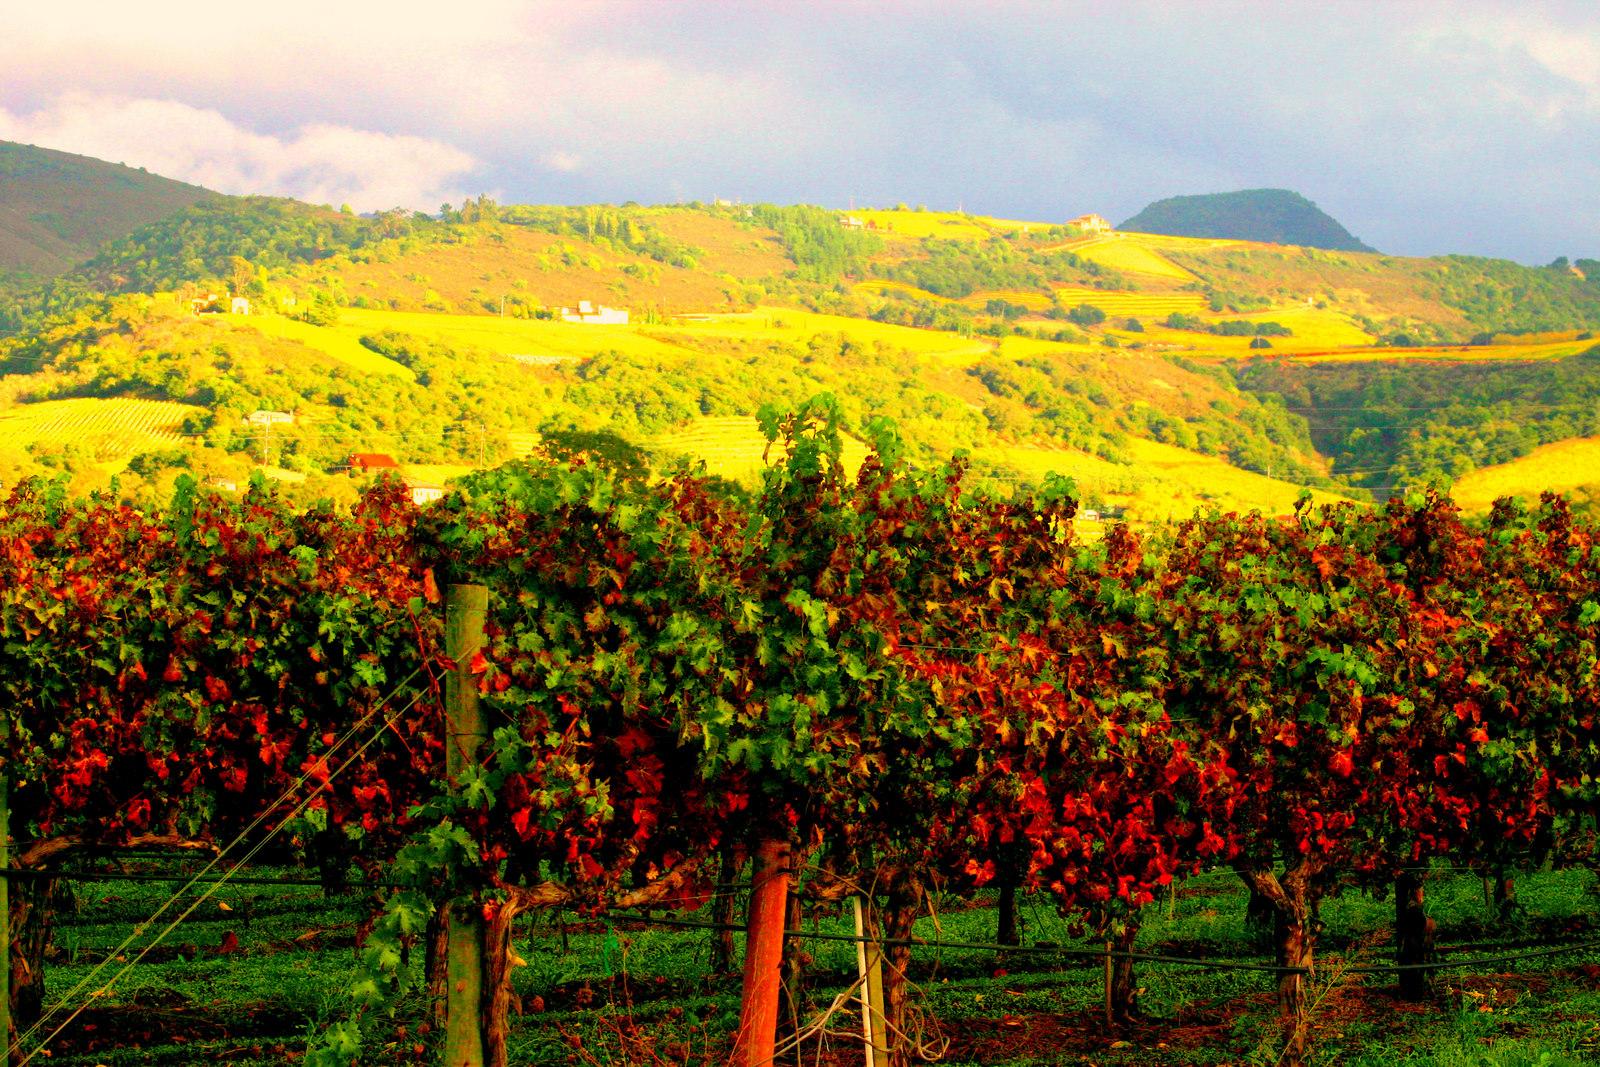 Ngắm vẻ đẹp mê hồn của thung lũng trồng nho nổi tiếng thế giới 5